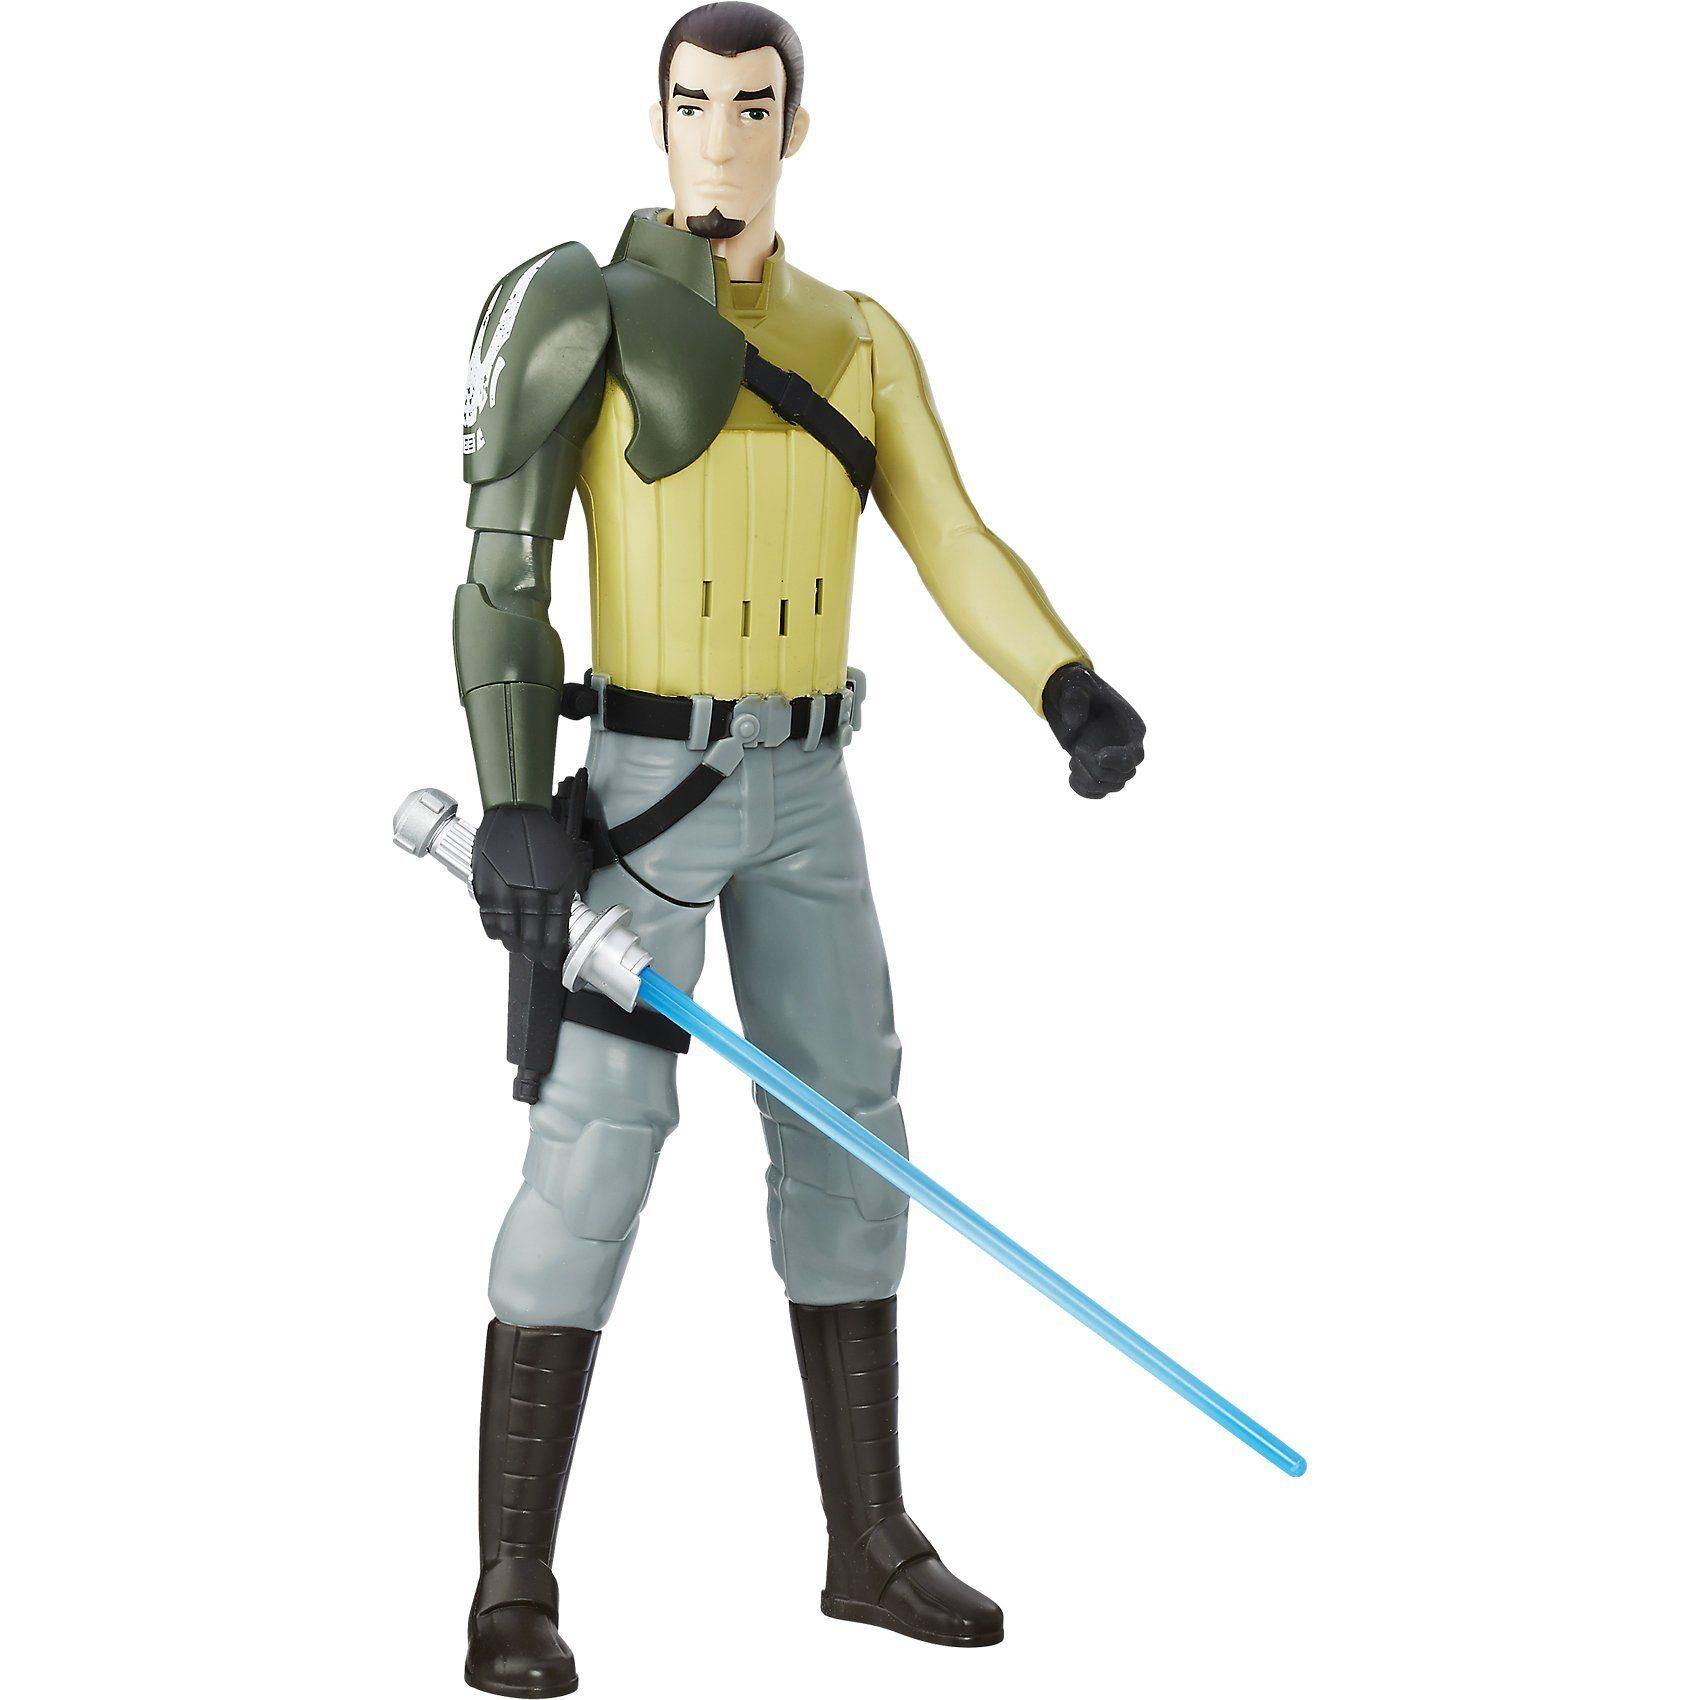 Hasbro Star Wars Rogue One - Elektronische 30 cm Ultimate Figuren -